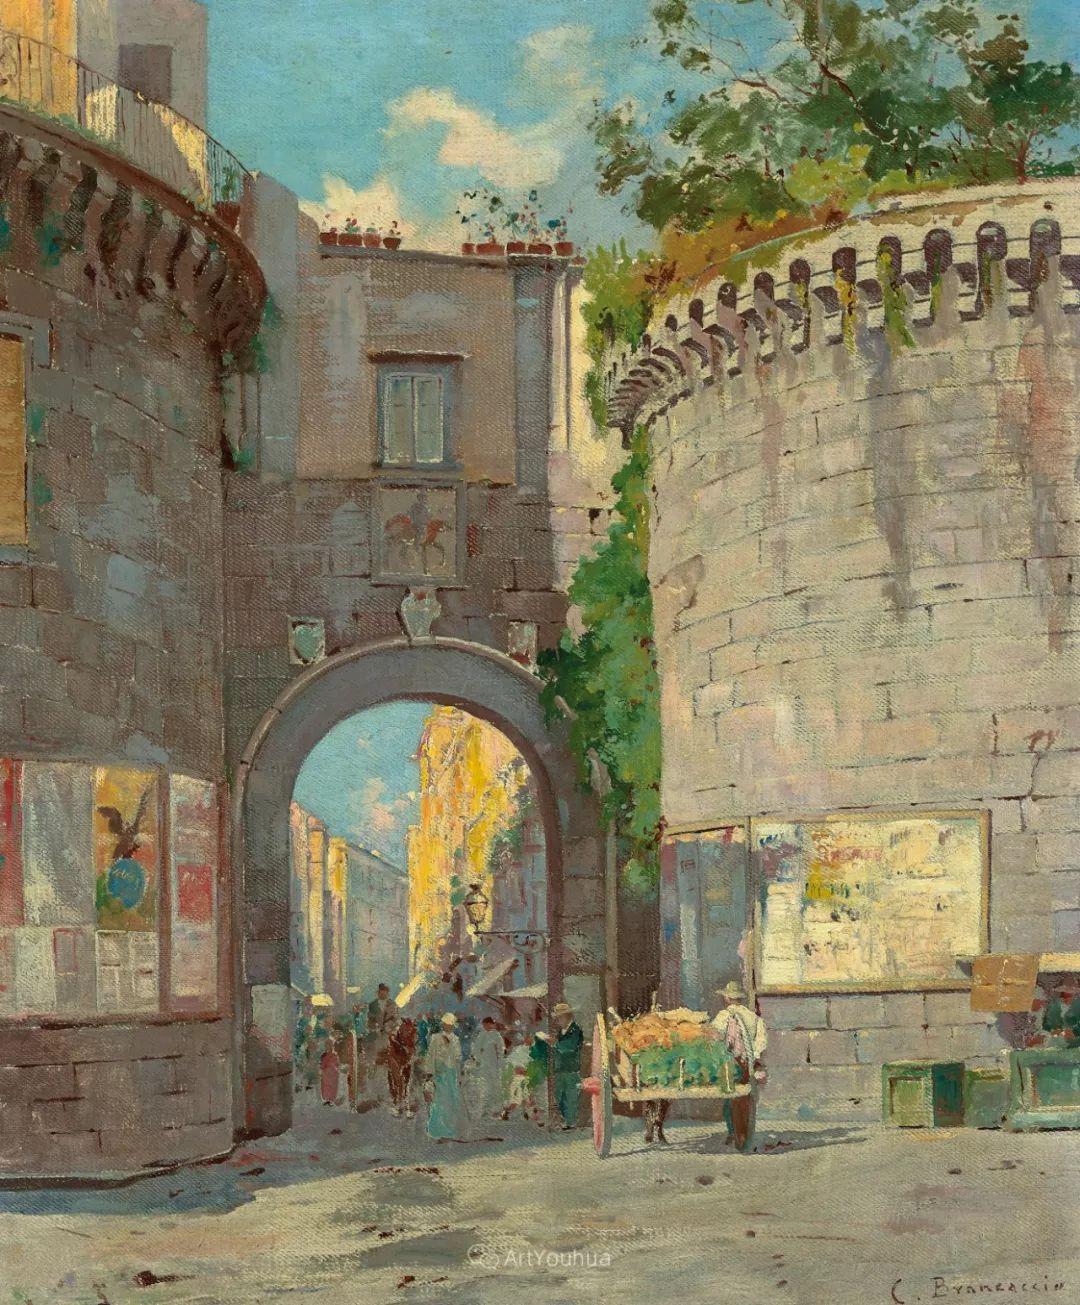 意大利画家卡洛·布兰卡乔作品欣赏插图19